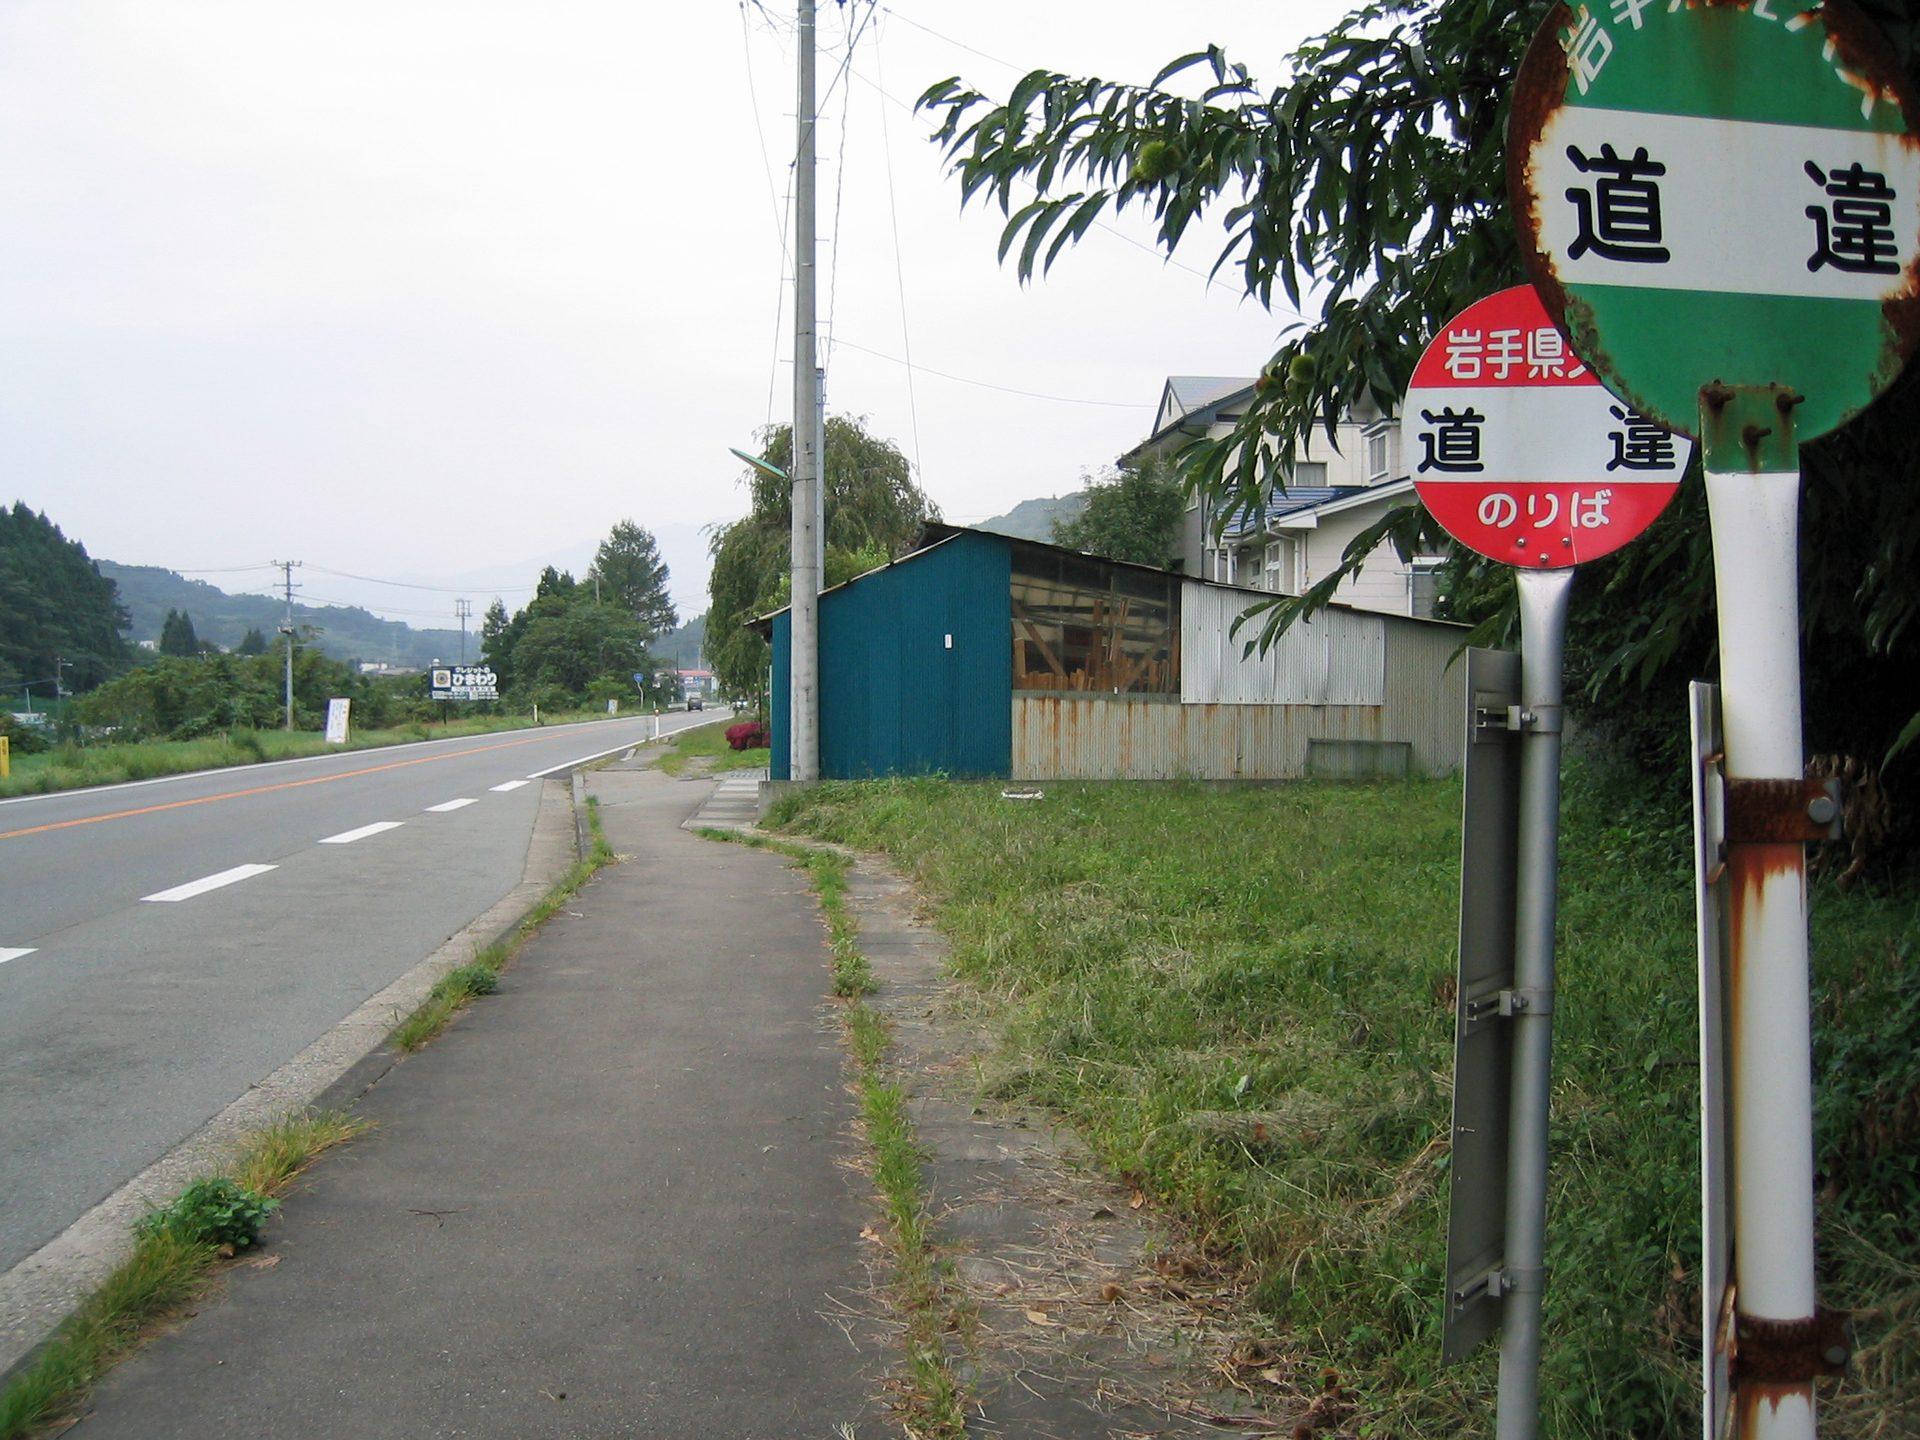 道違 という名のバス停